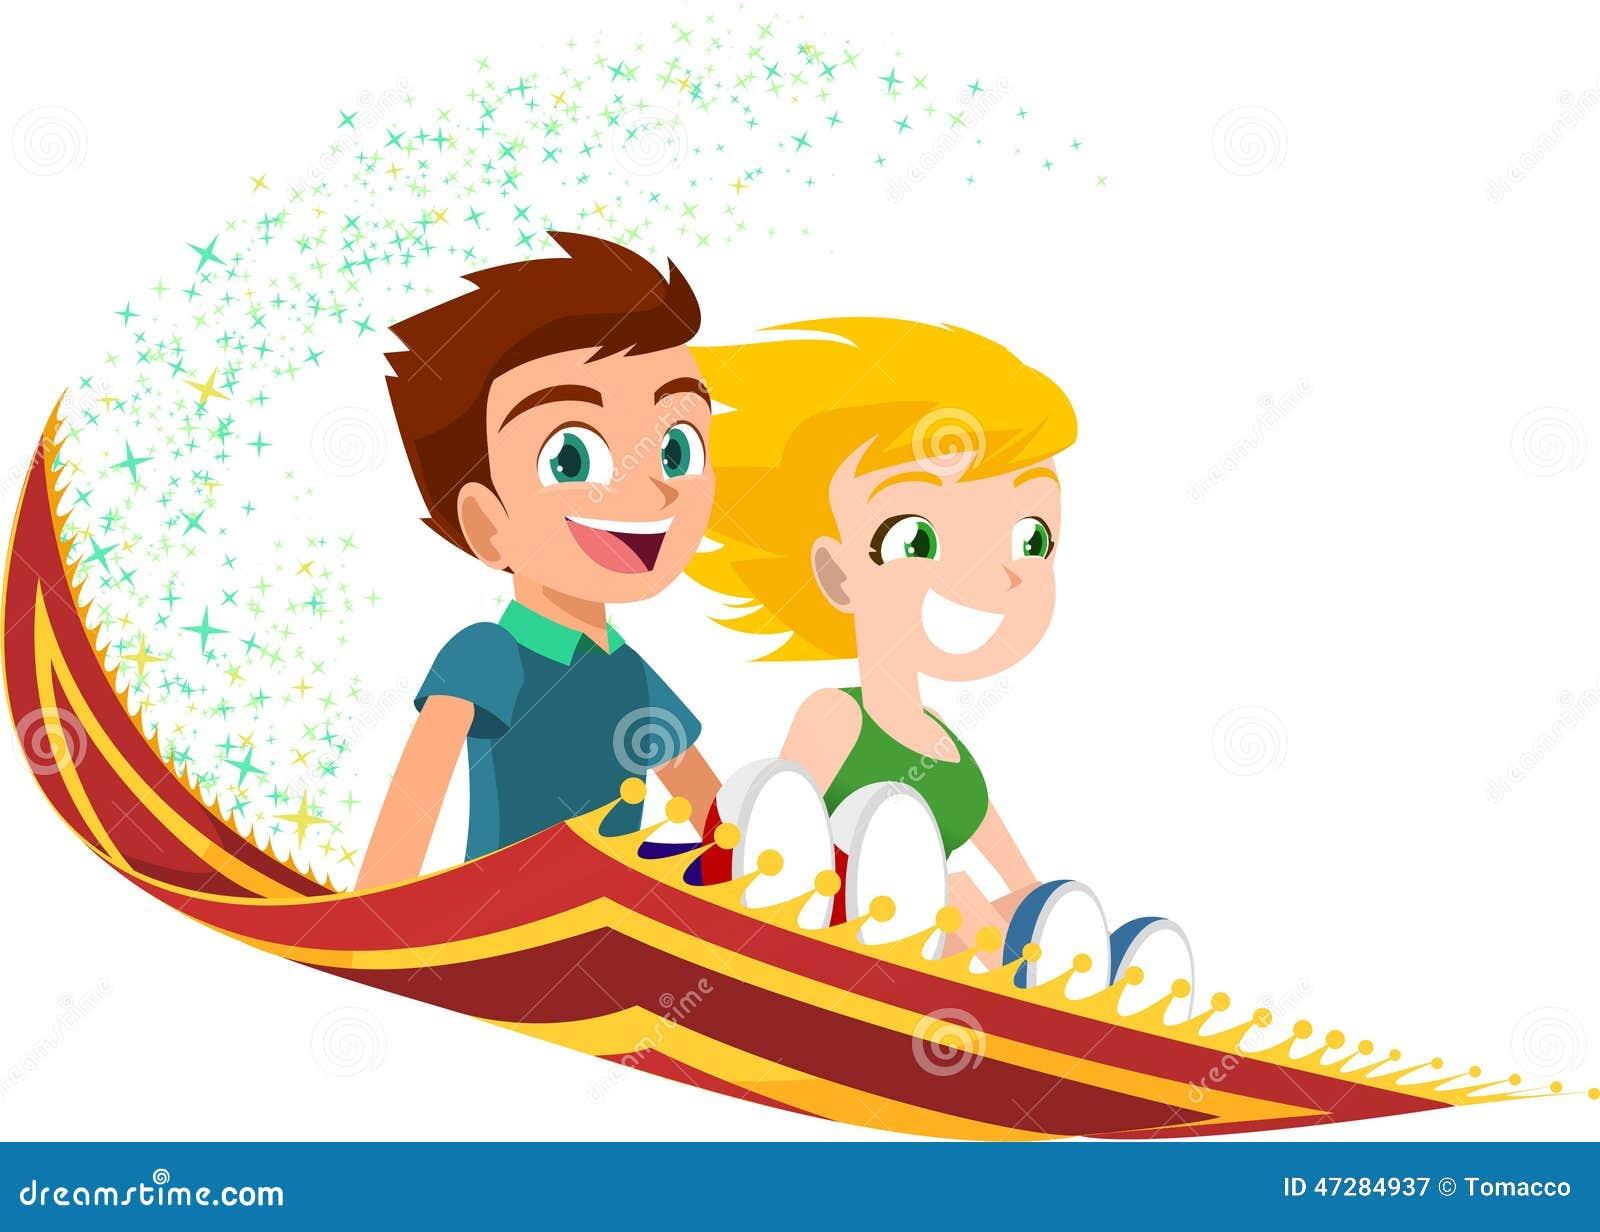 Children flying on a magic carpet stock illustration for Cartoon carpet